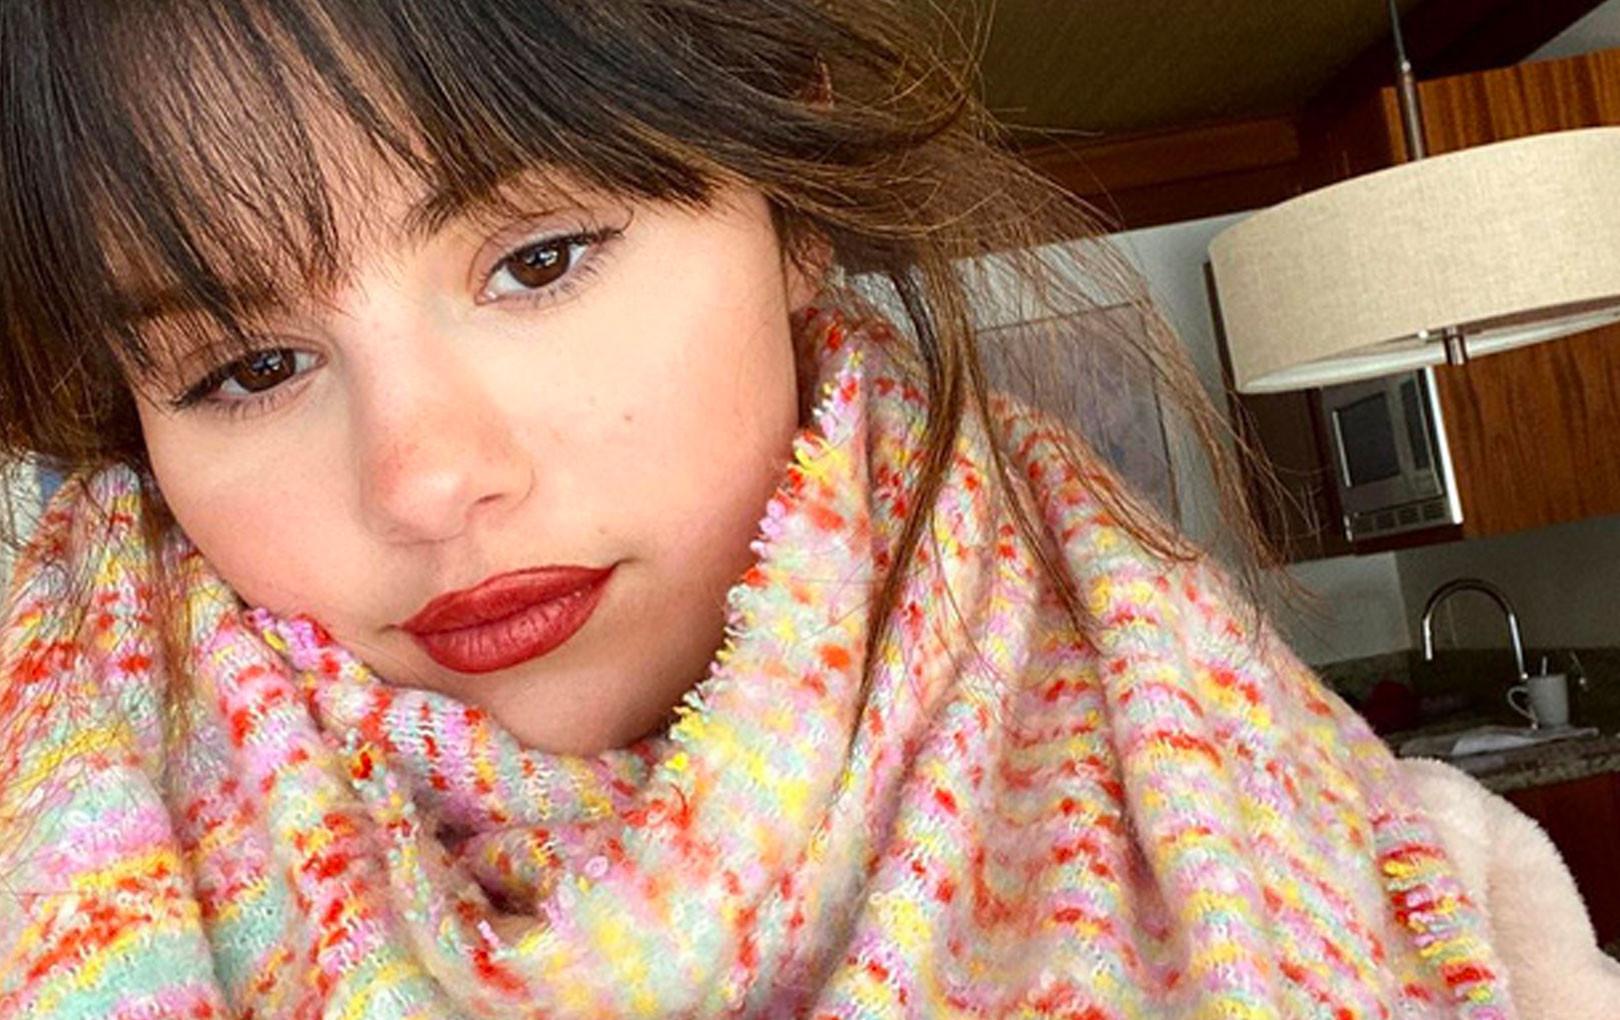 Đẳng cấp như Selena Gomez chỉ ăn vận giản dị chẳng cần make up cầu kỳ vẫn đẹp đến nao lòng